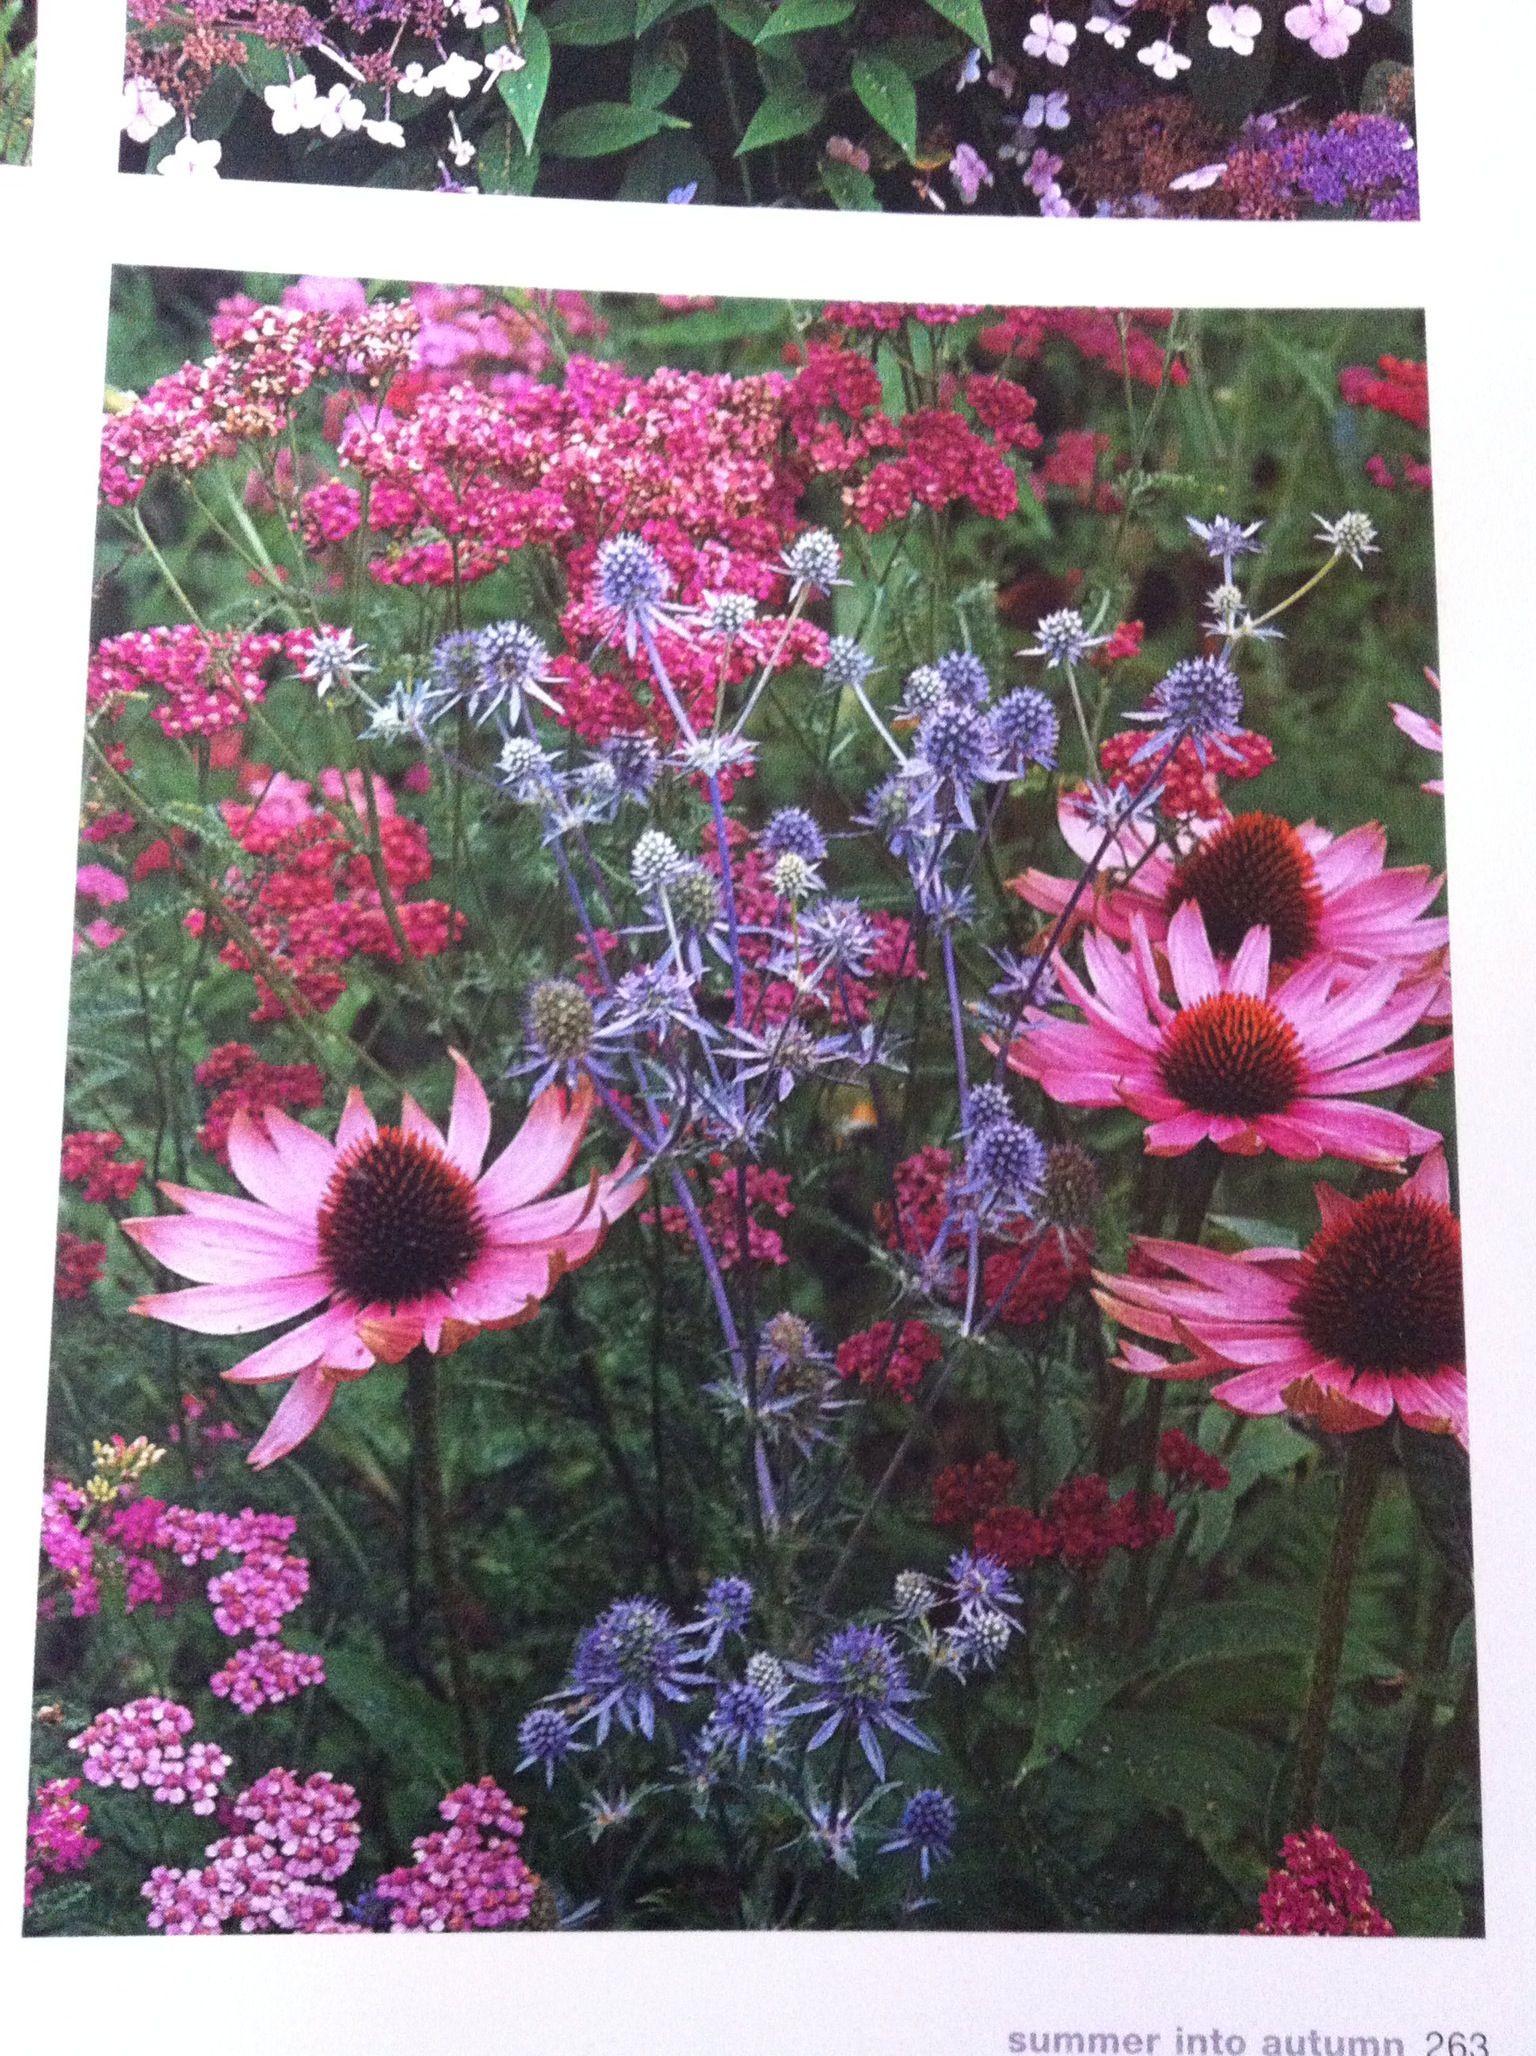 Echinacea purpurea Magnus Eryngium Blue Glitter and Achillea millefolium Cerise Queen